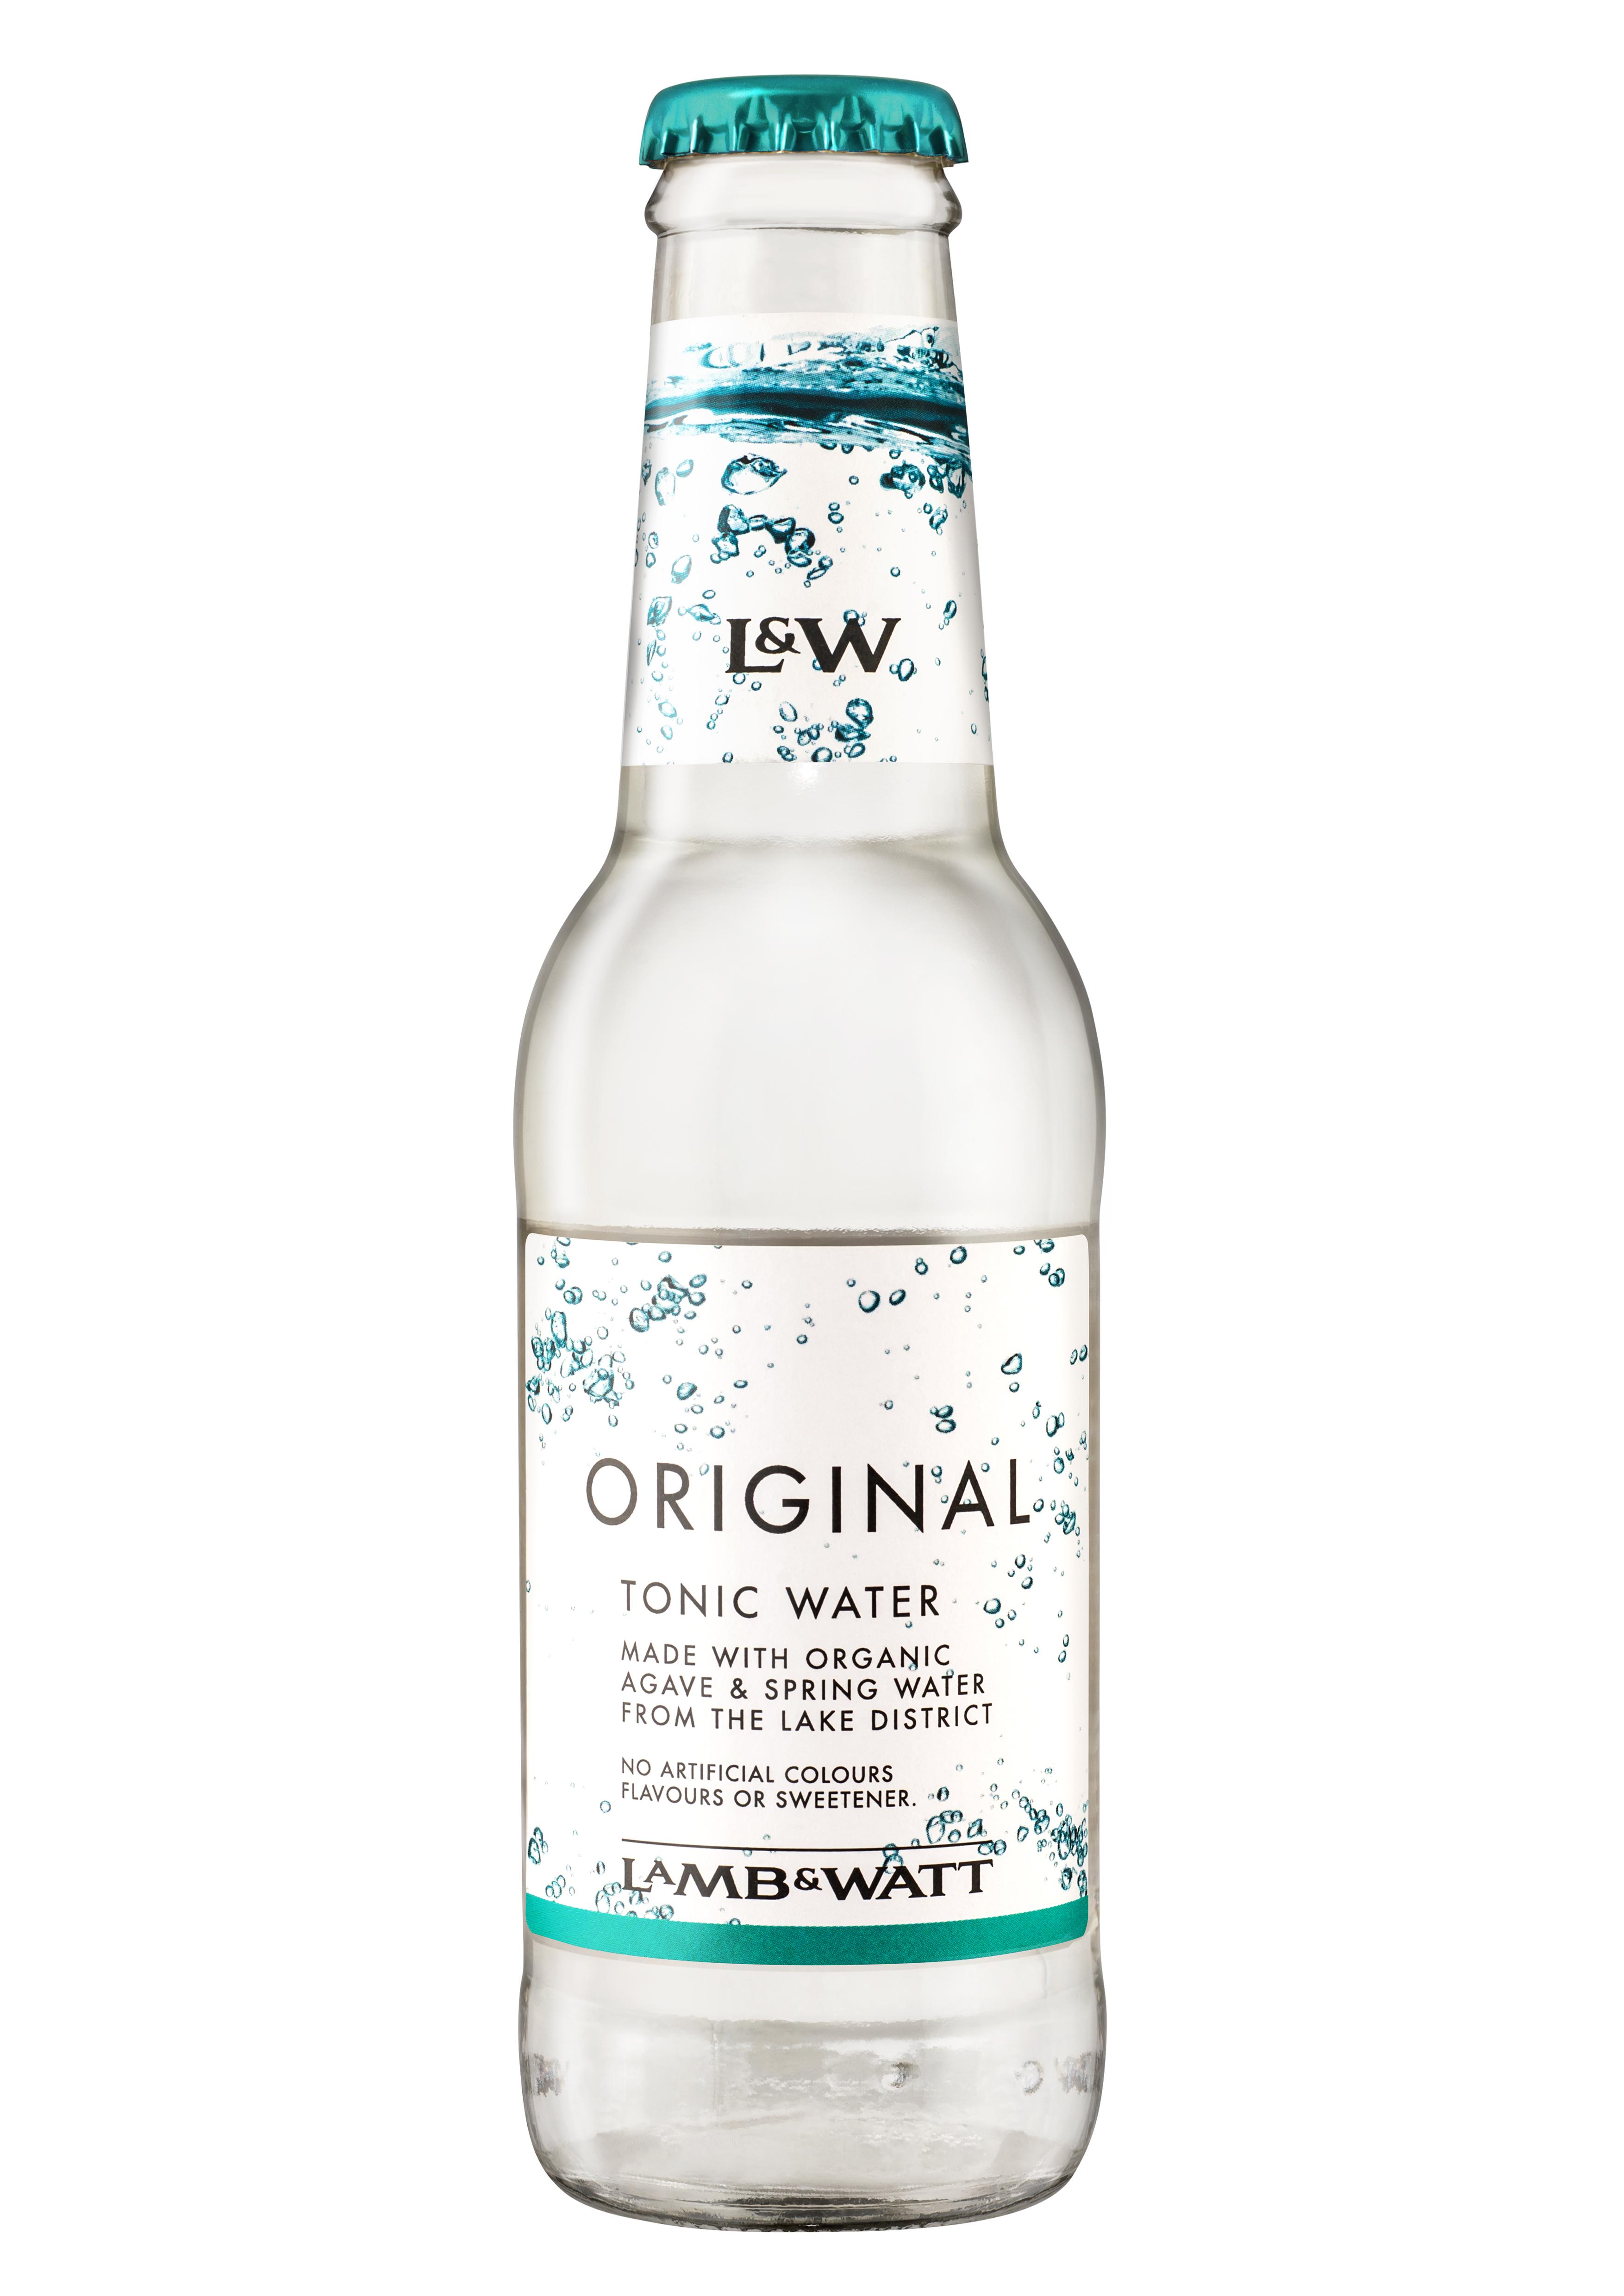 Lamb and watt tonic water